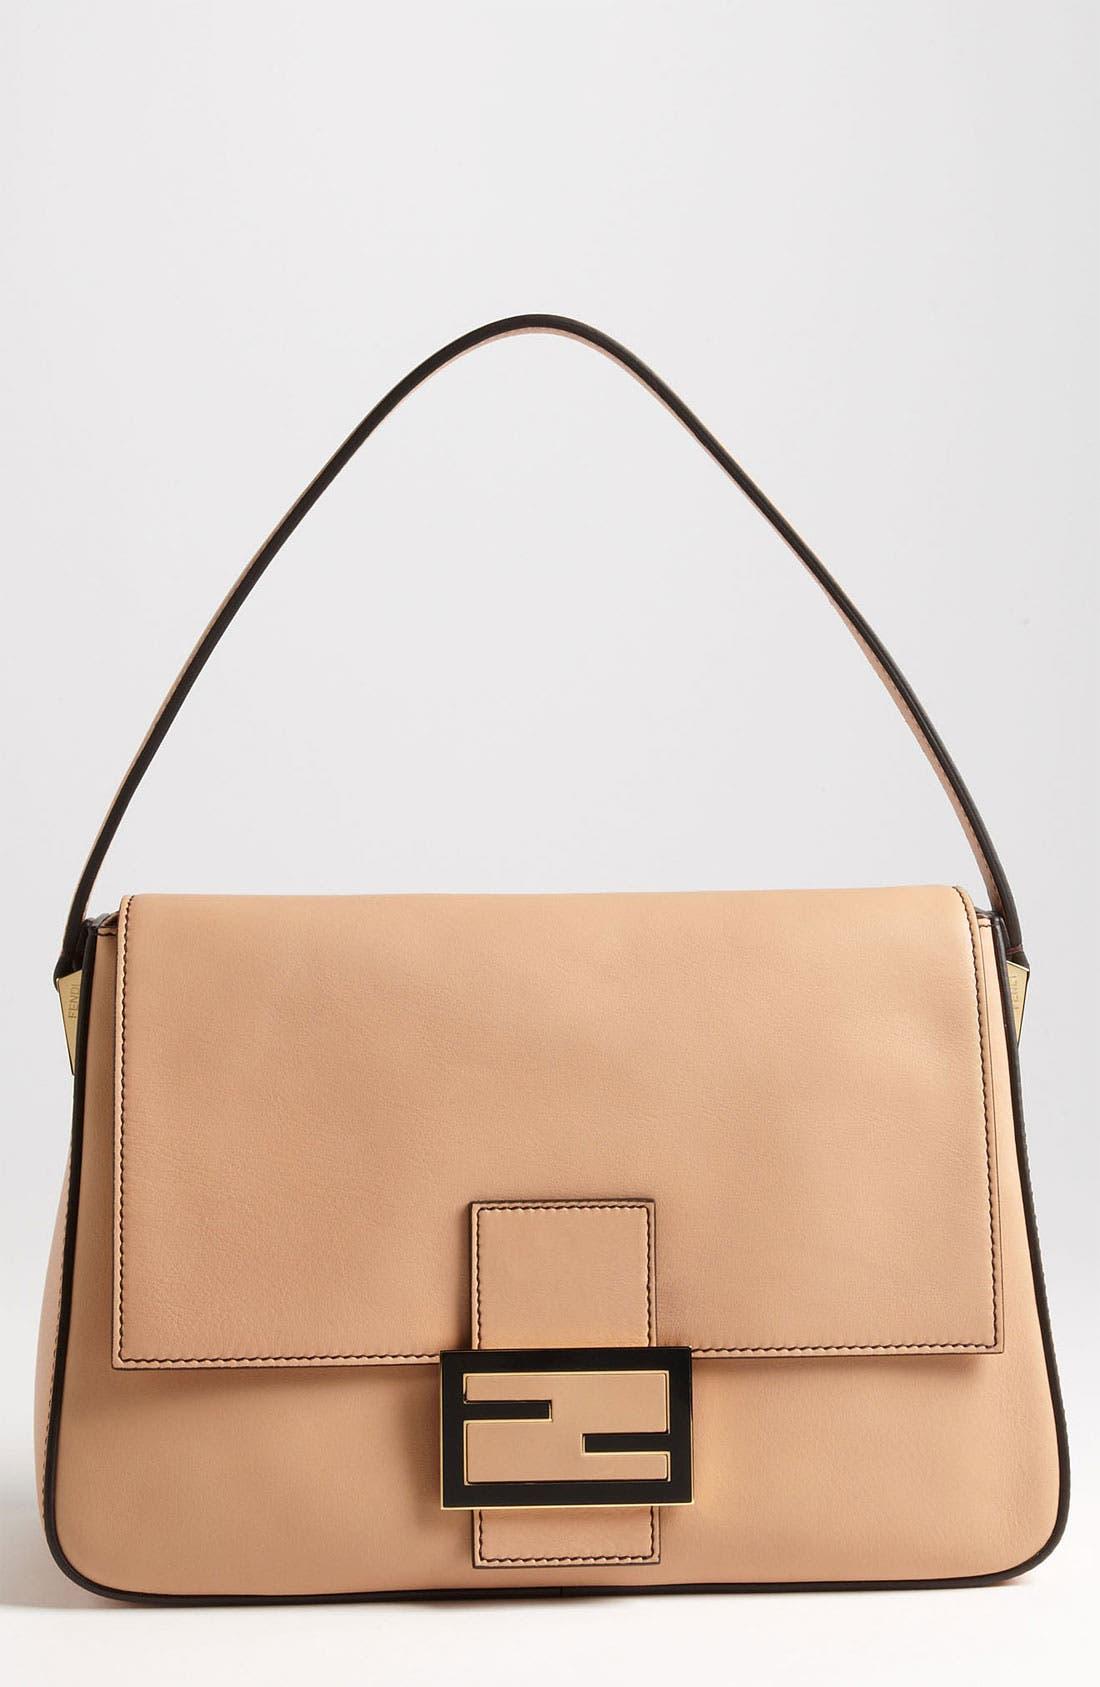 Main Image - Fendi 'Forever - Big Mamma' Shoulder Bag